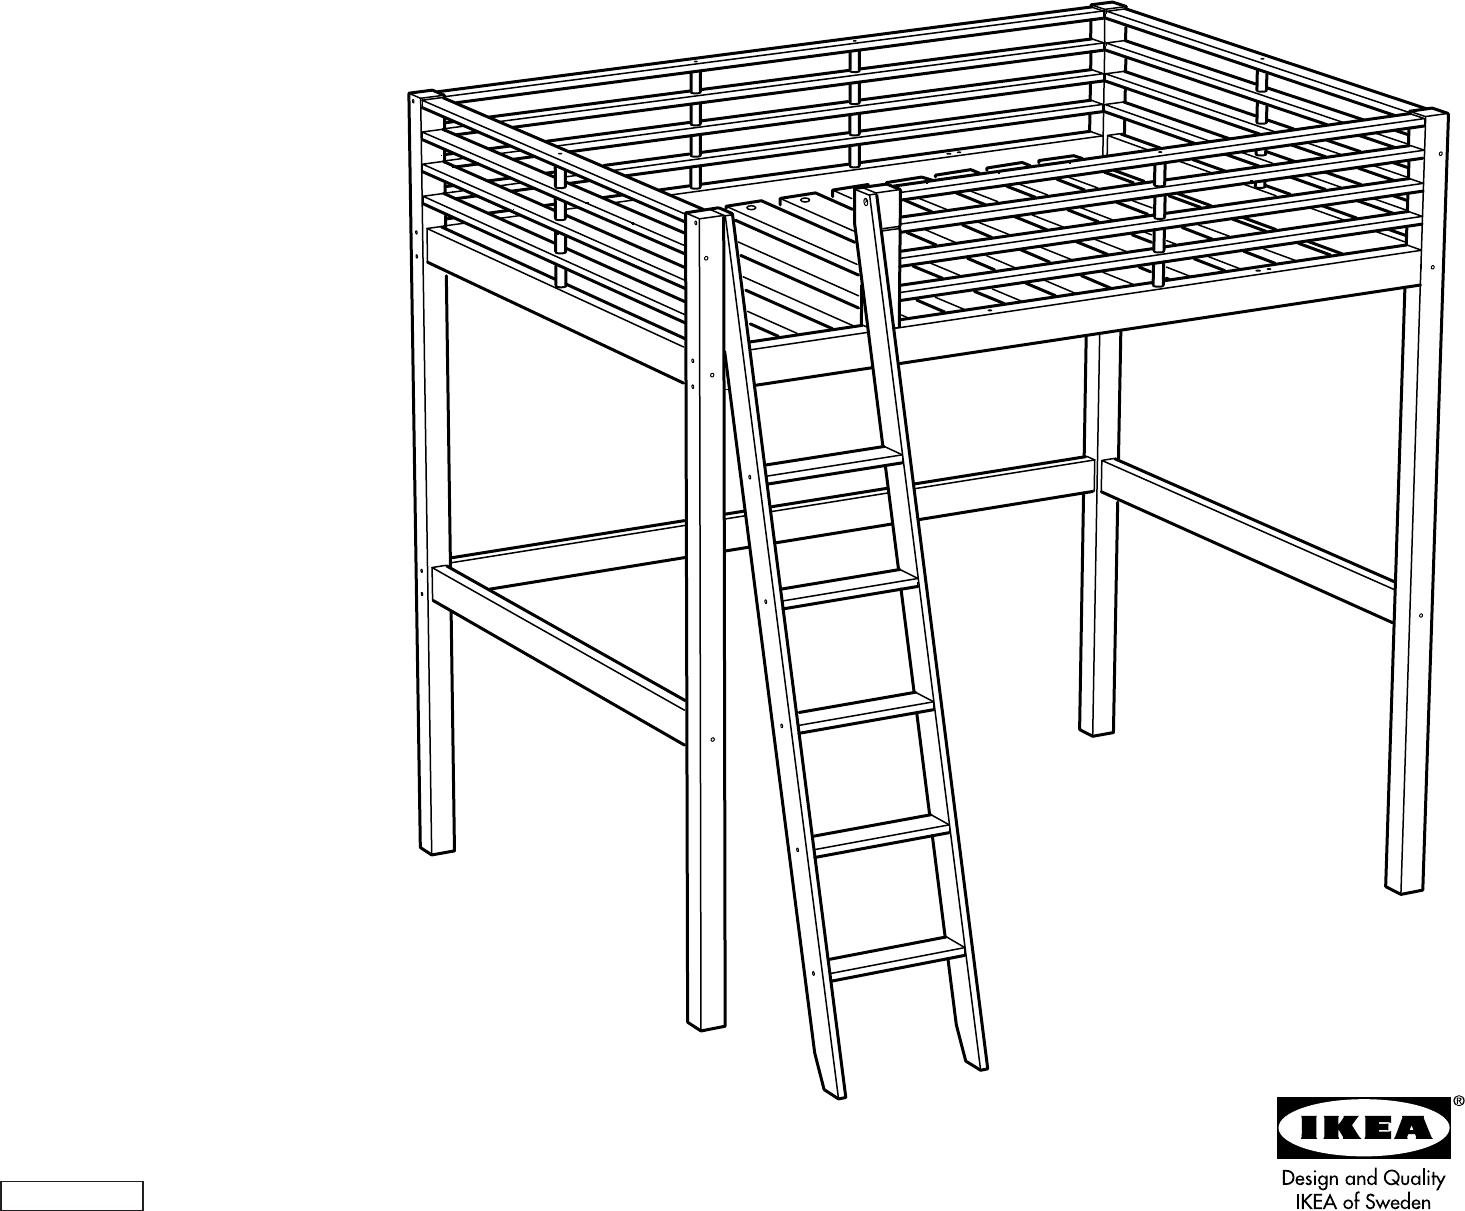 bedienungsanleitung ikea fjelldal hoogslaper seite 1 von 20 d nisch deutsch englisch. Black Bedroom Furniture Sets. Home Design Ideas